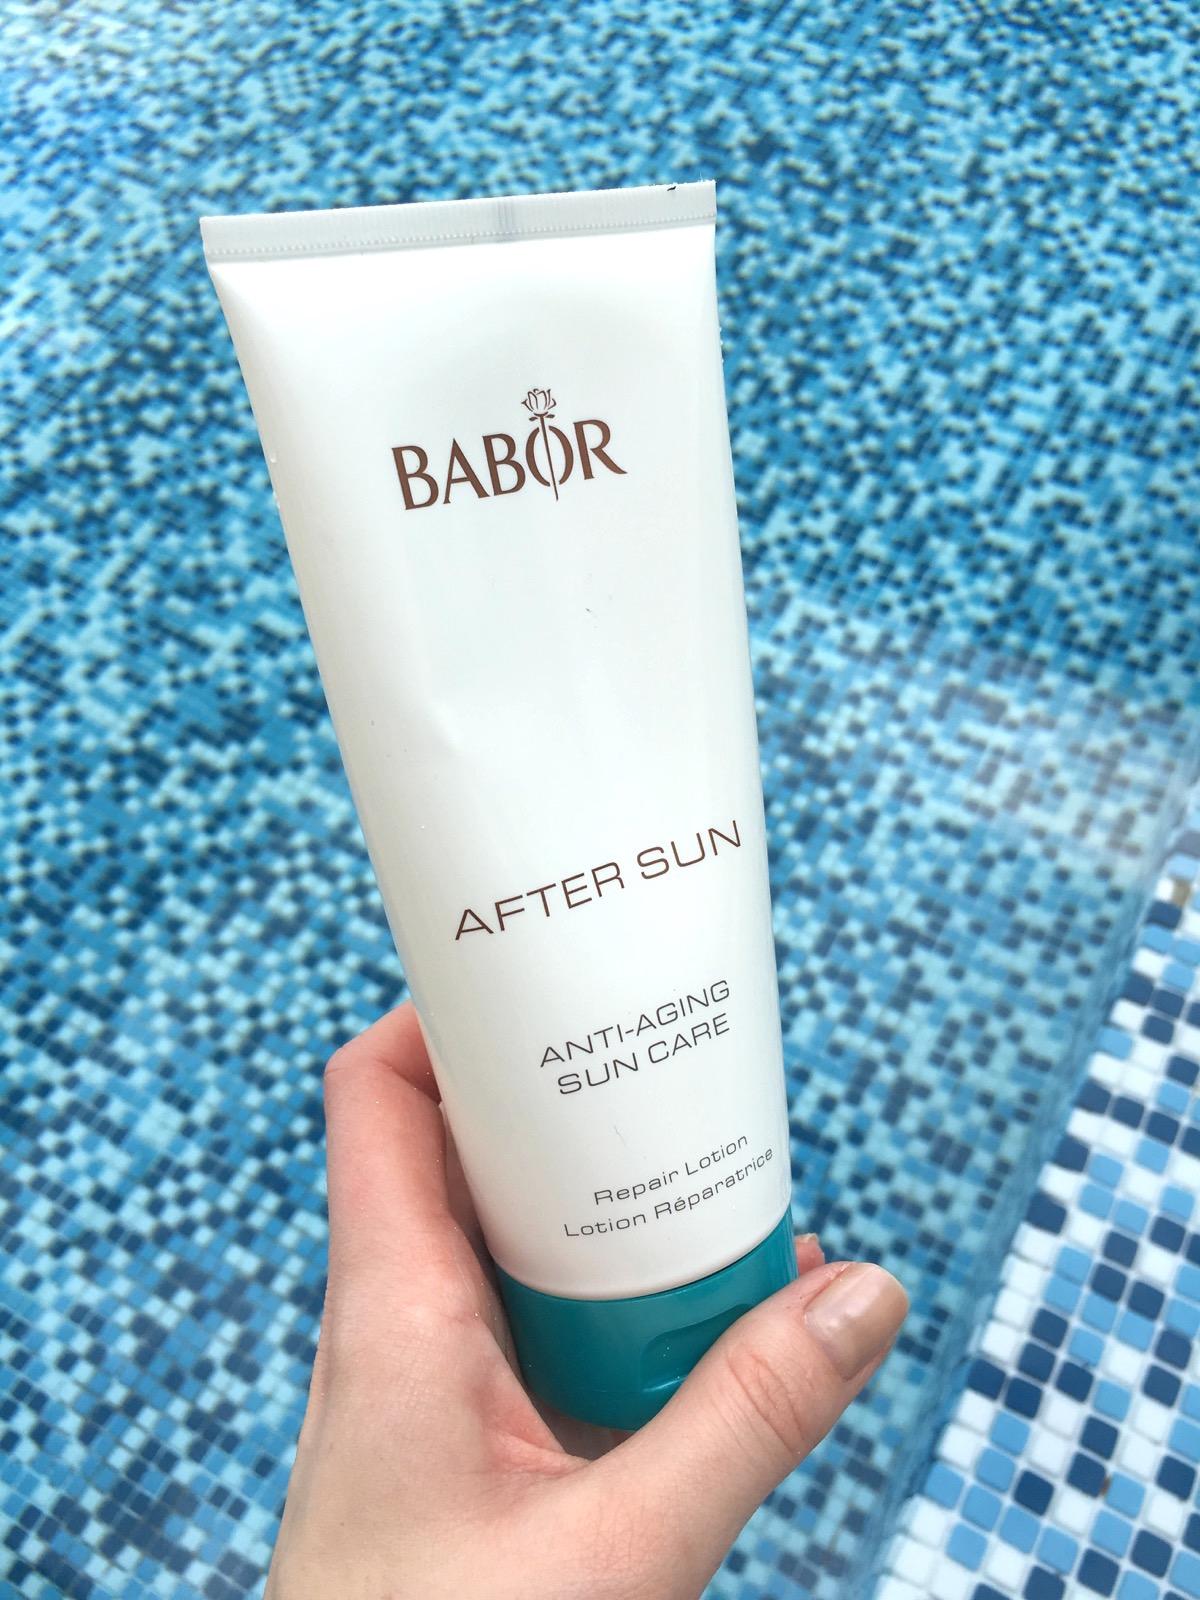 After Sun produkter från Babor, skönhetssnack.se IMG_4350